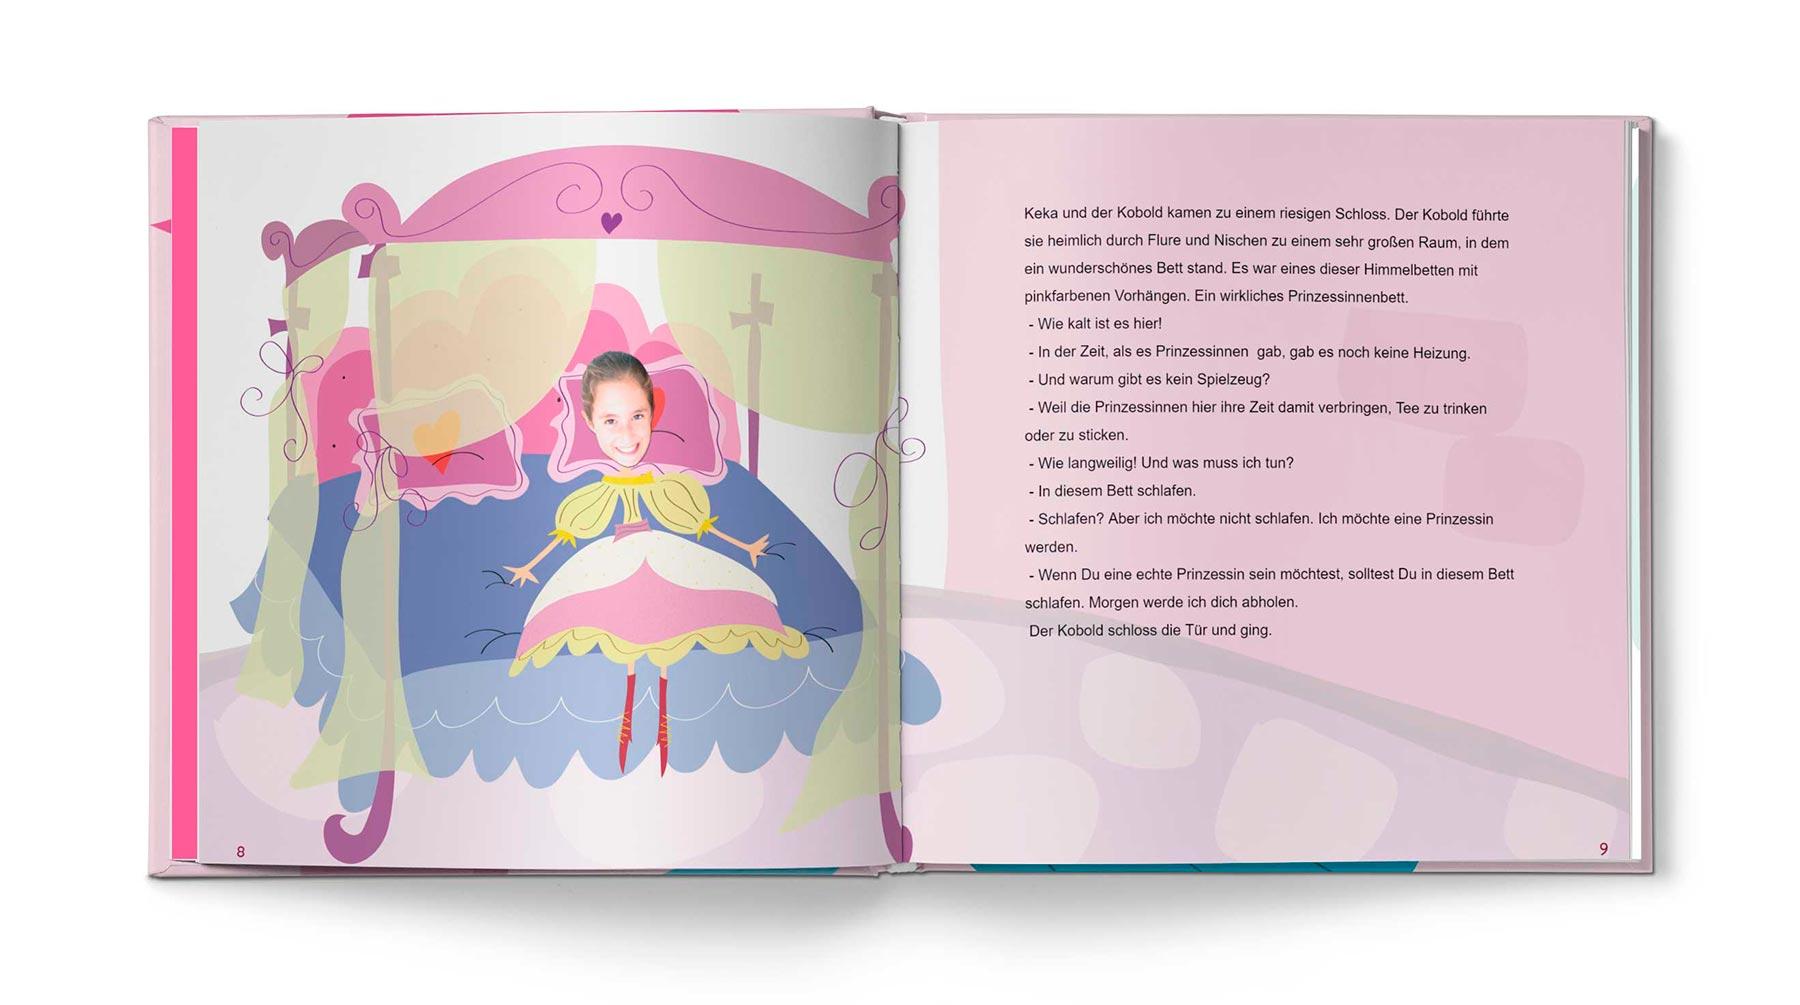 Geschichte Die Prinzessin und das Pflaster - Bild 4